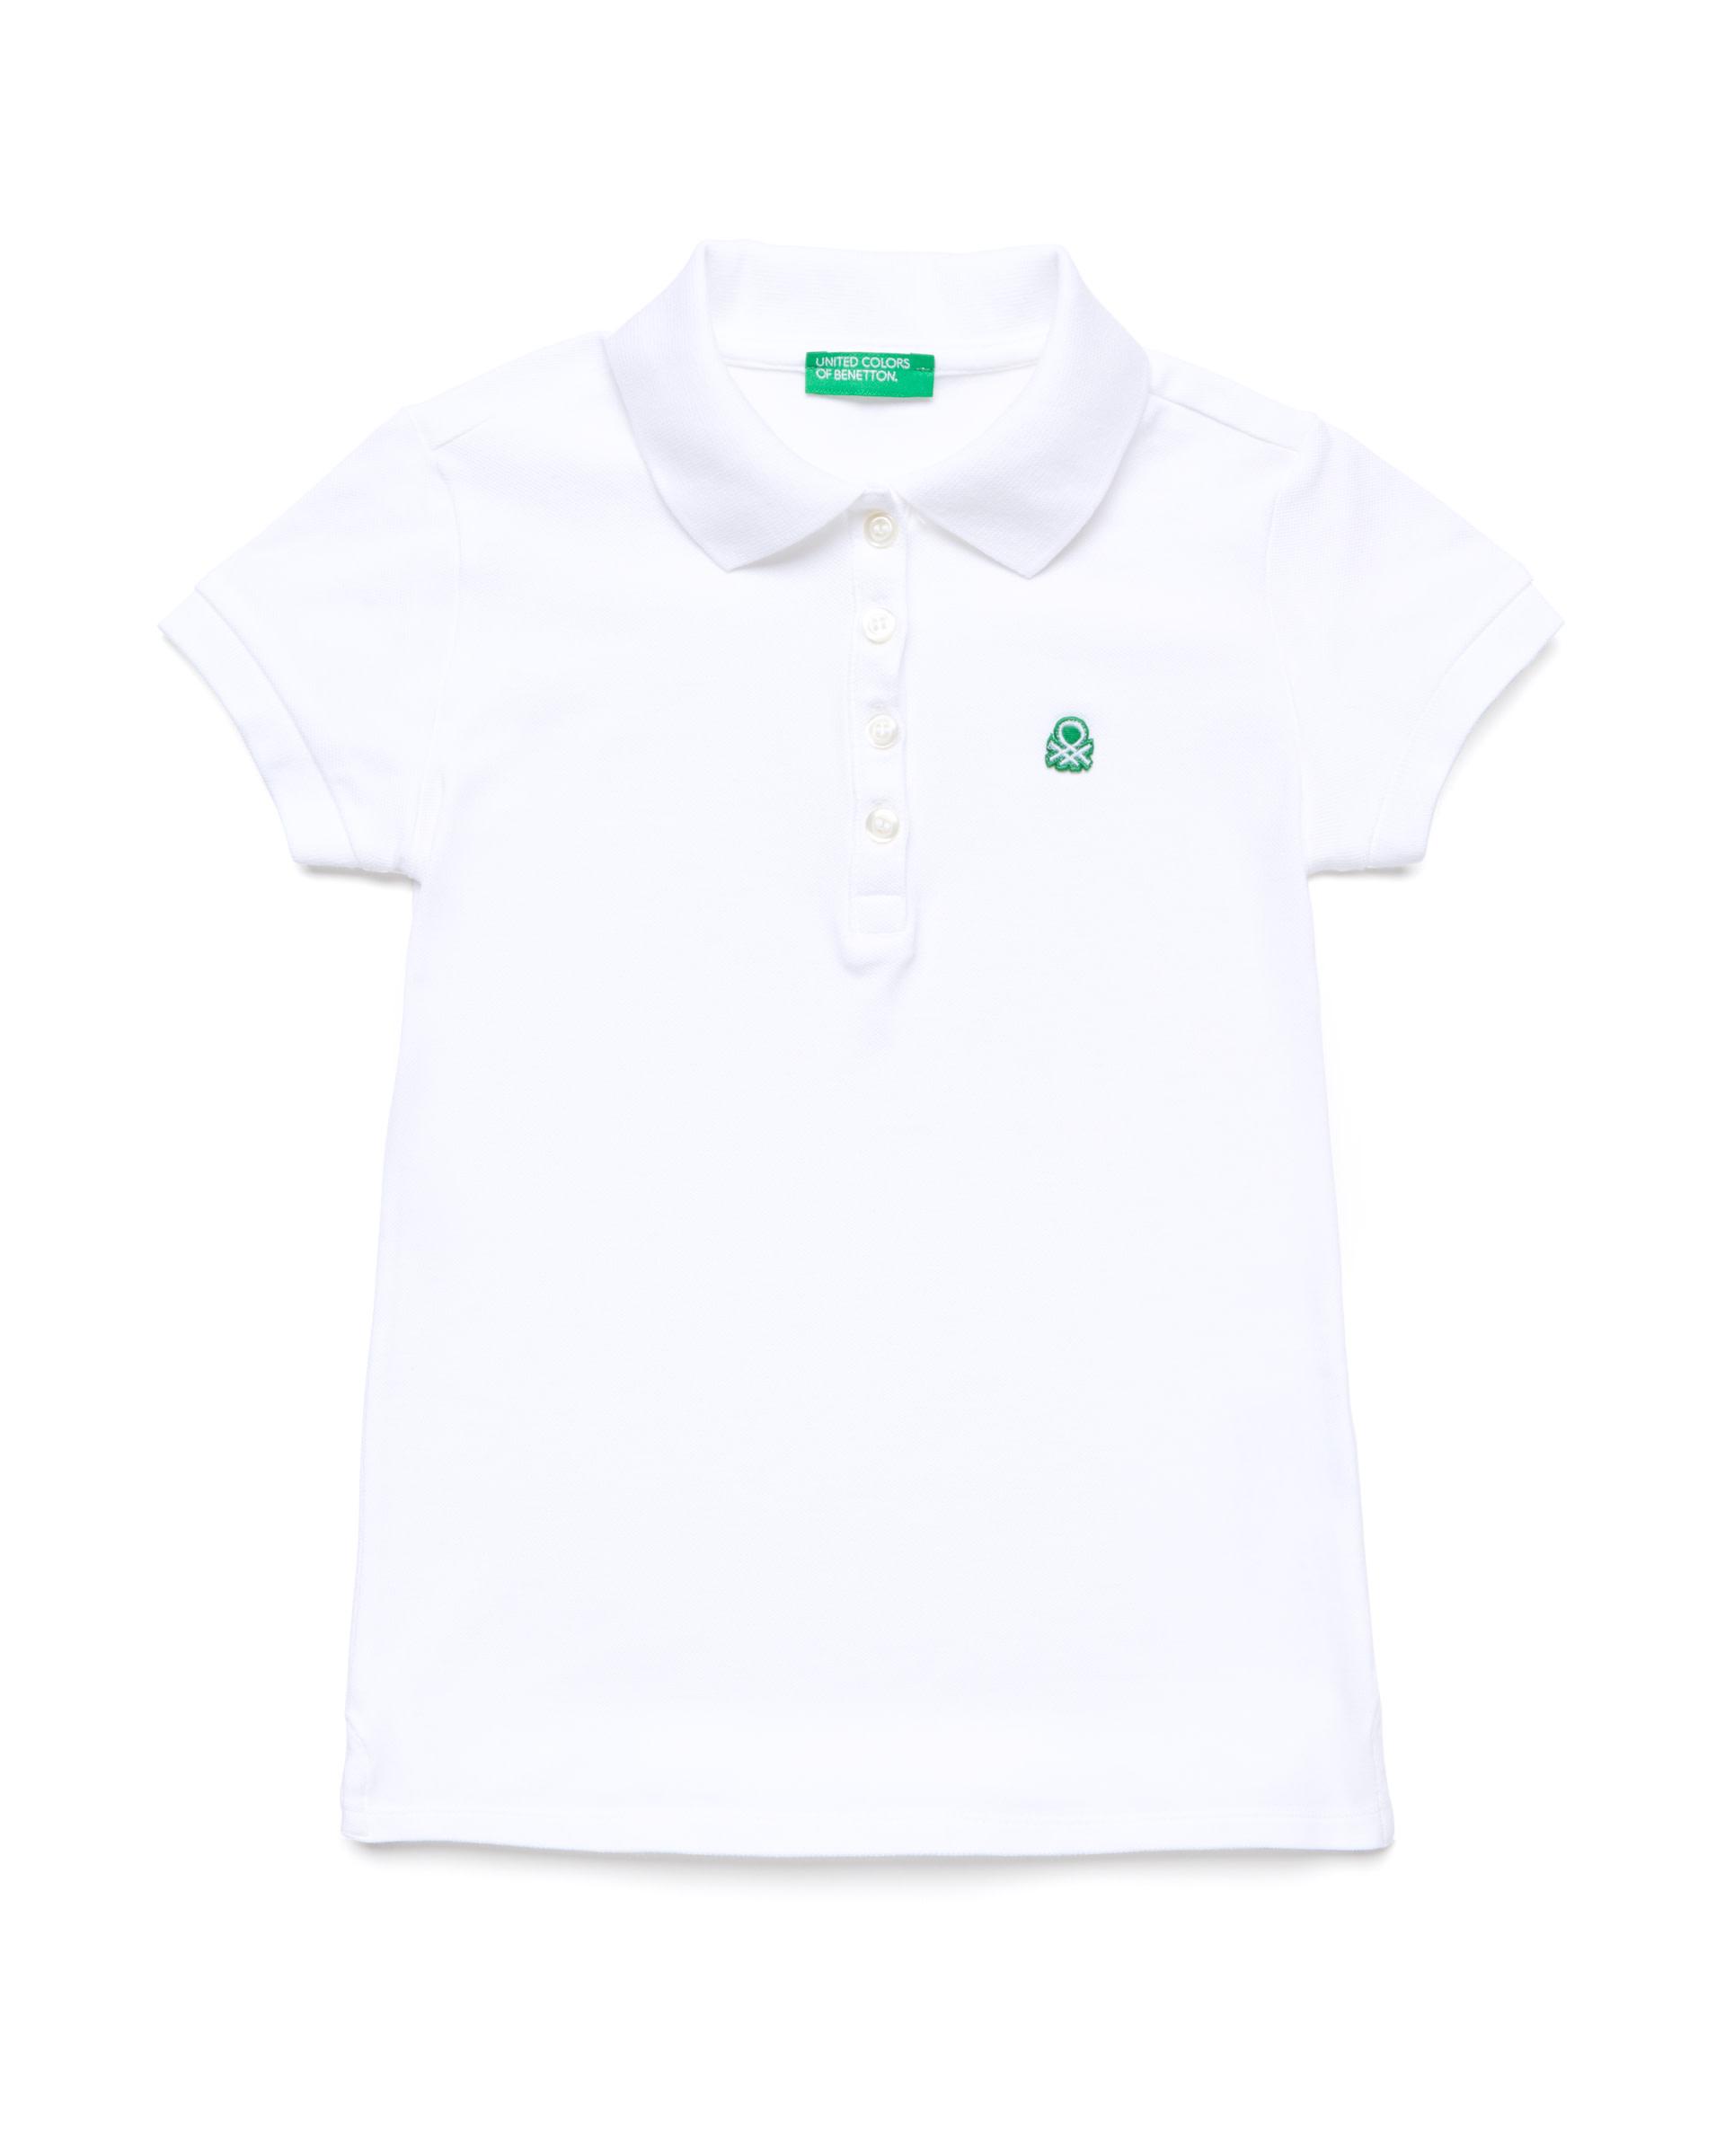 Купить CCC_3WG9C3092_101, Поло-пике для девочек Benetton 3WG9C3092_101 р-р 158, United Colors of Benetton, Детские футболки